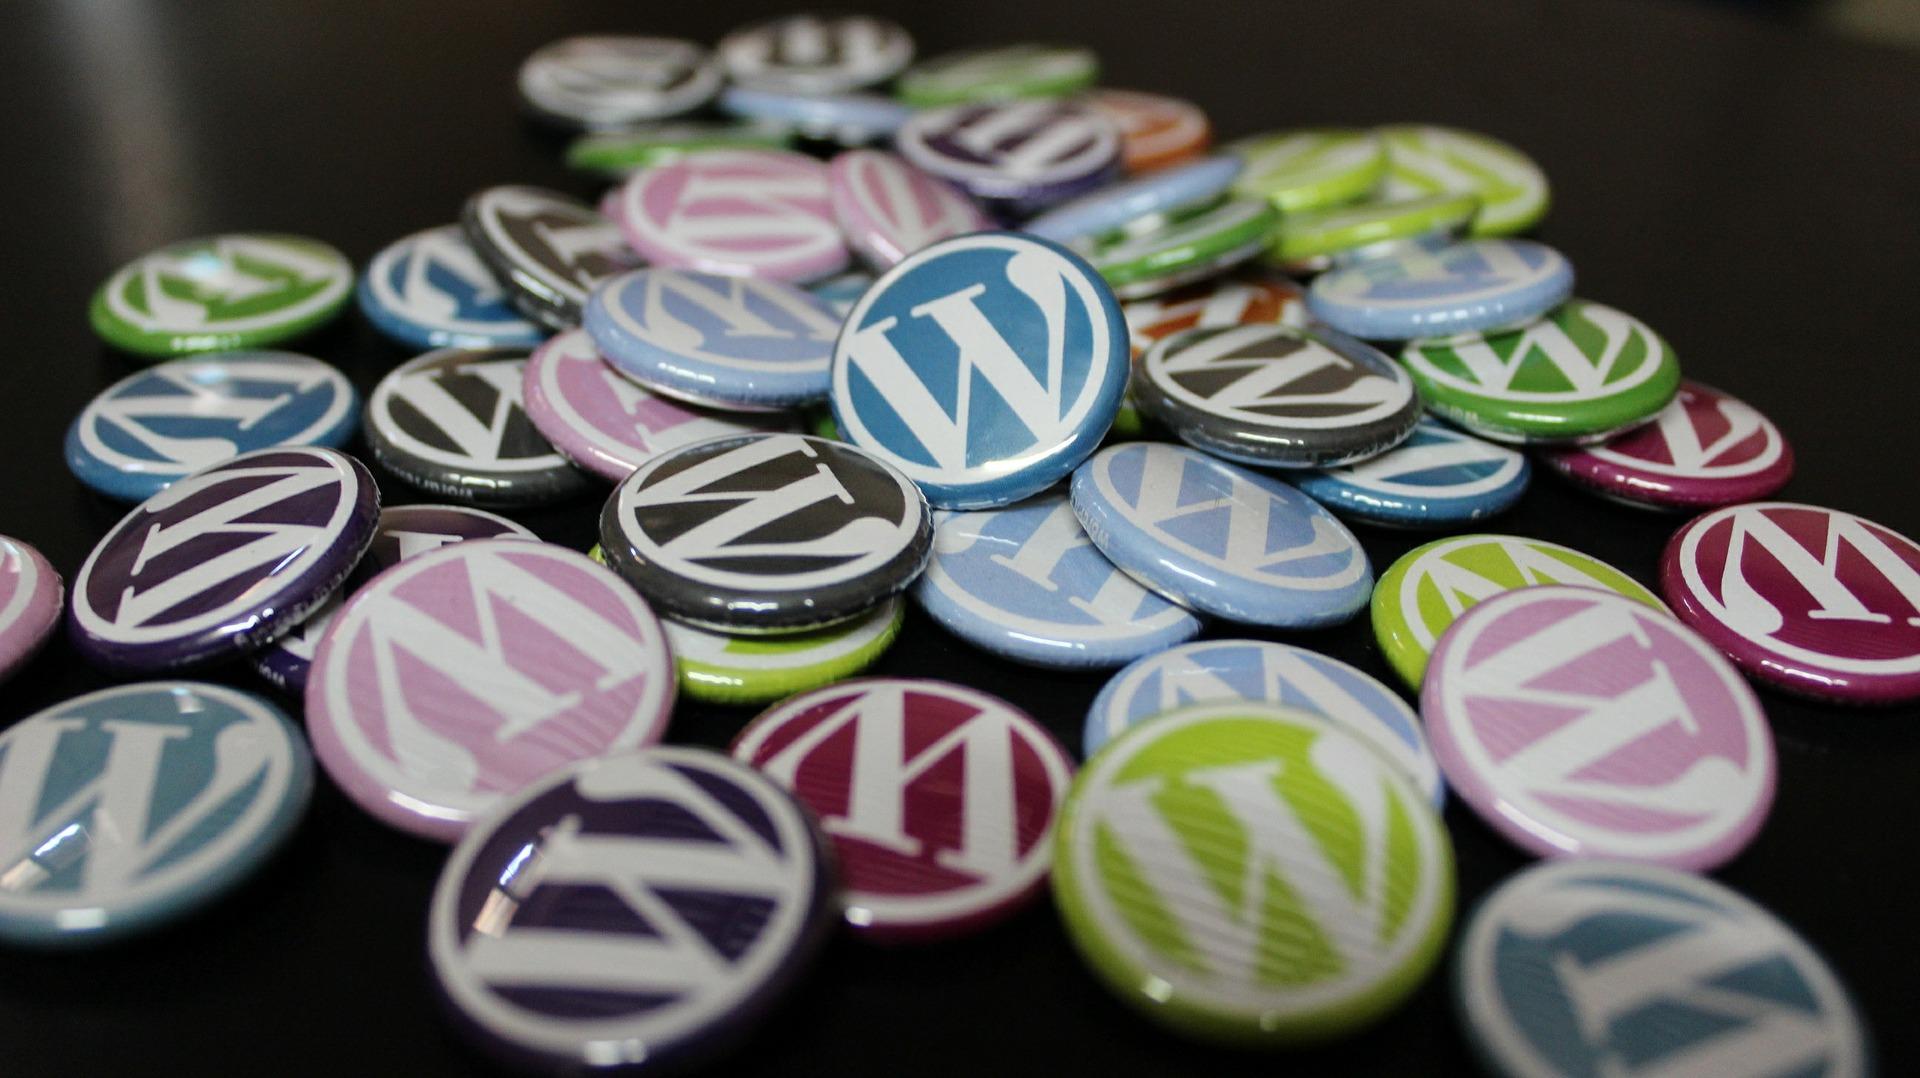 【初心者向け】WordPressに画像をアップロードする方法